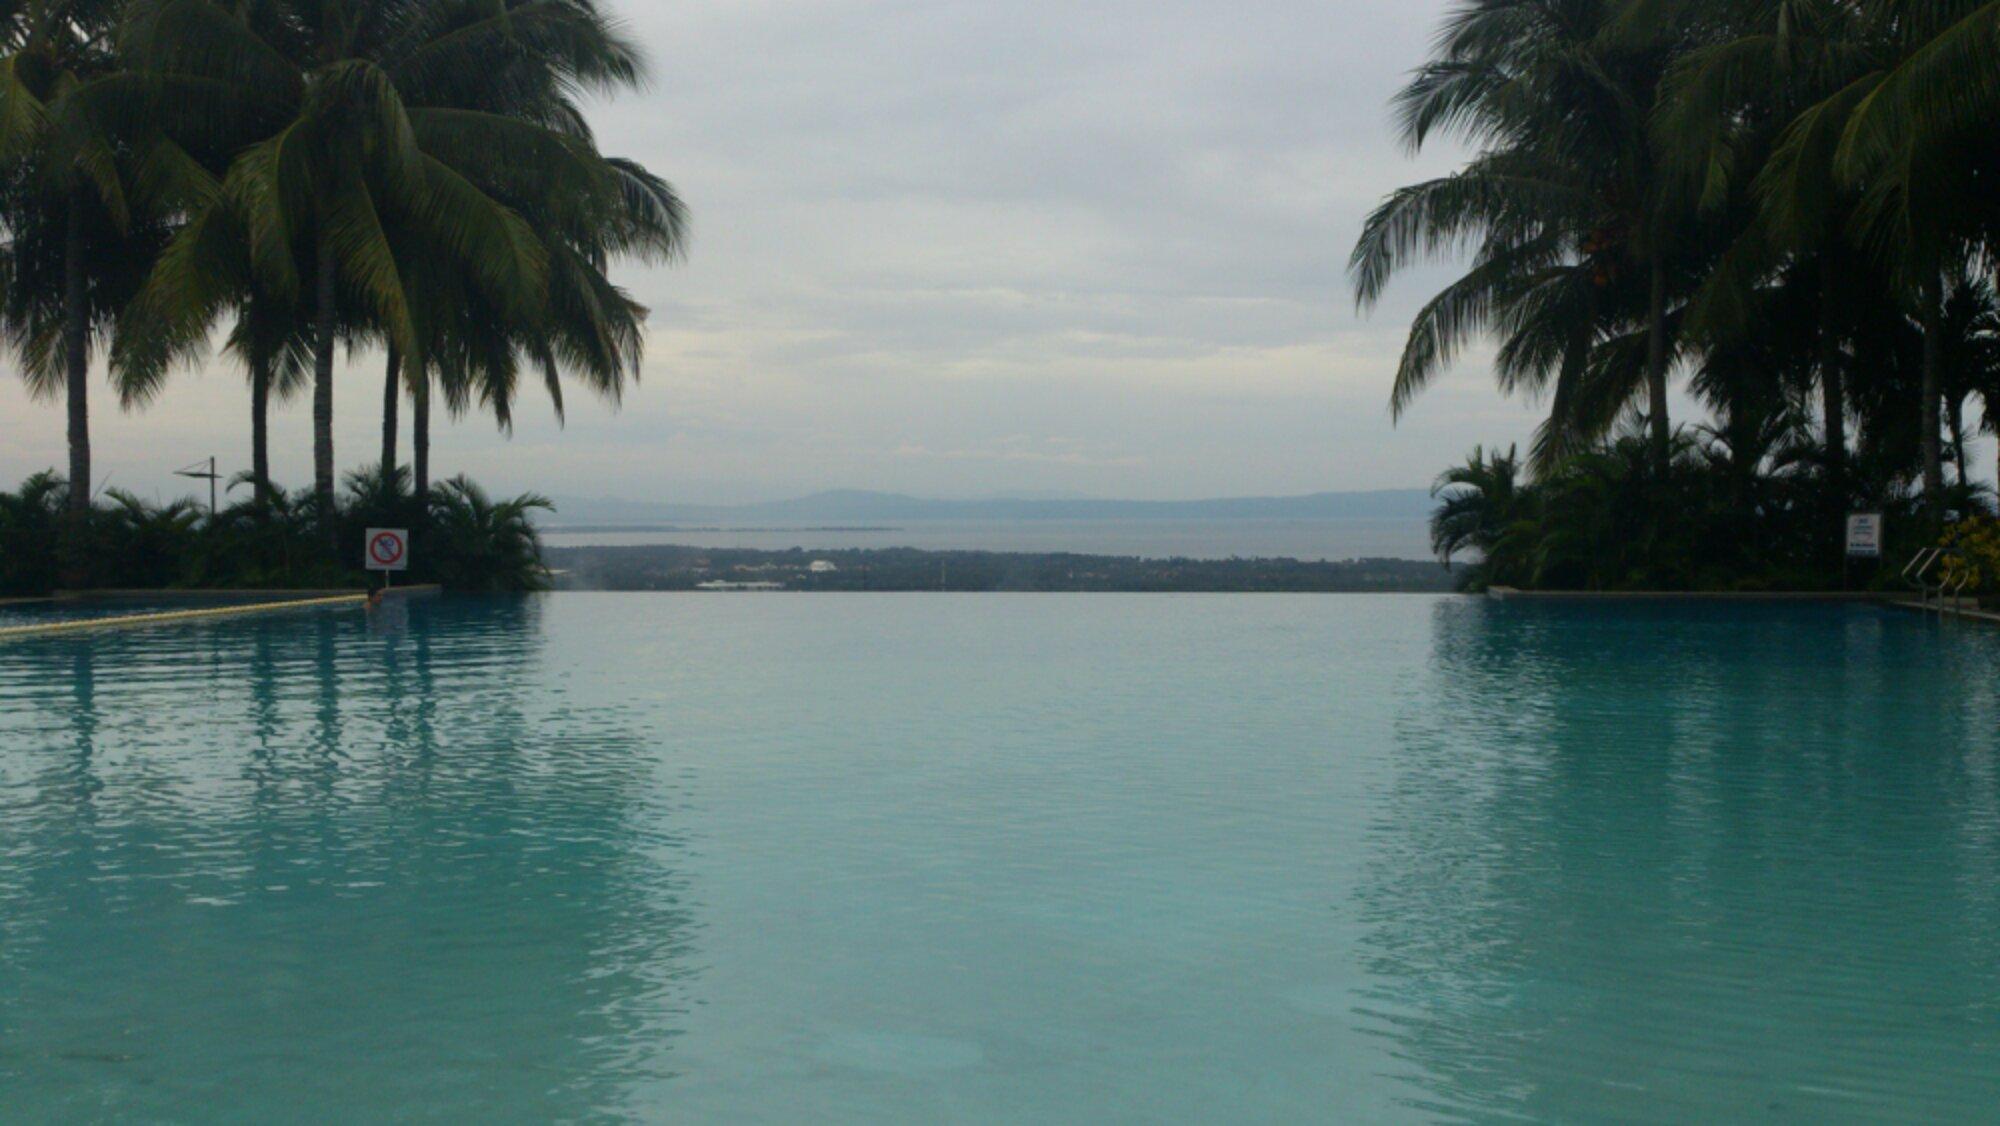 Villa de Mercedes Infinity pool davao